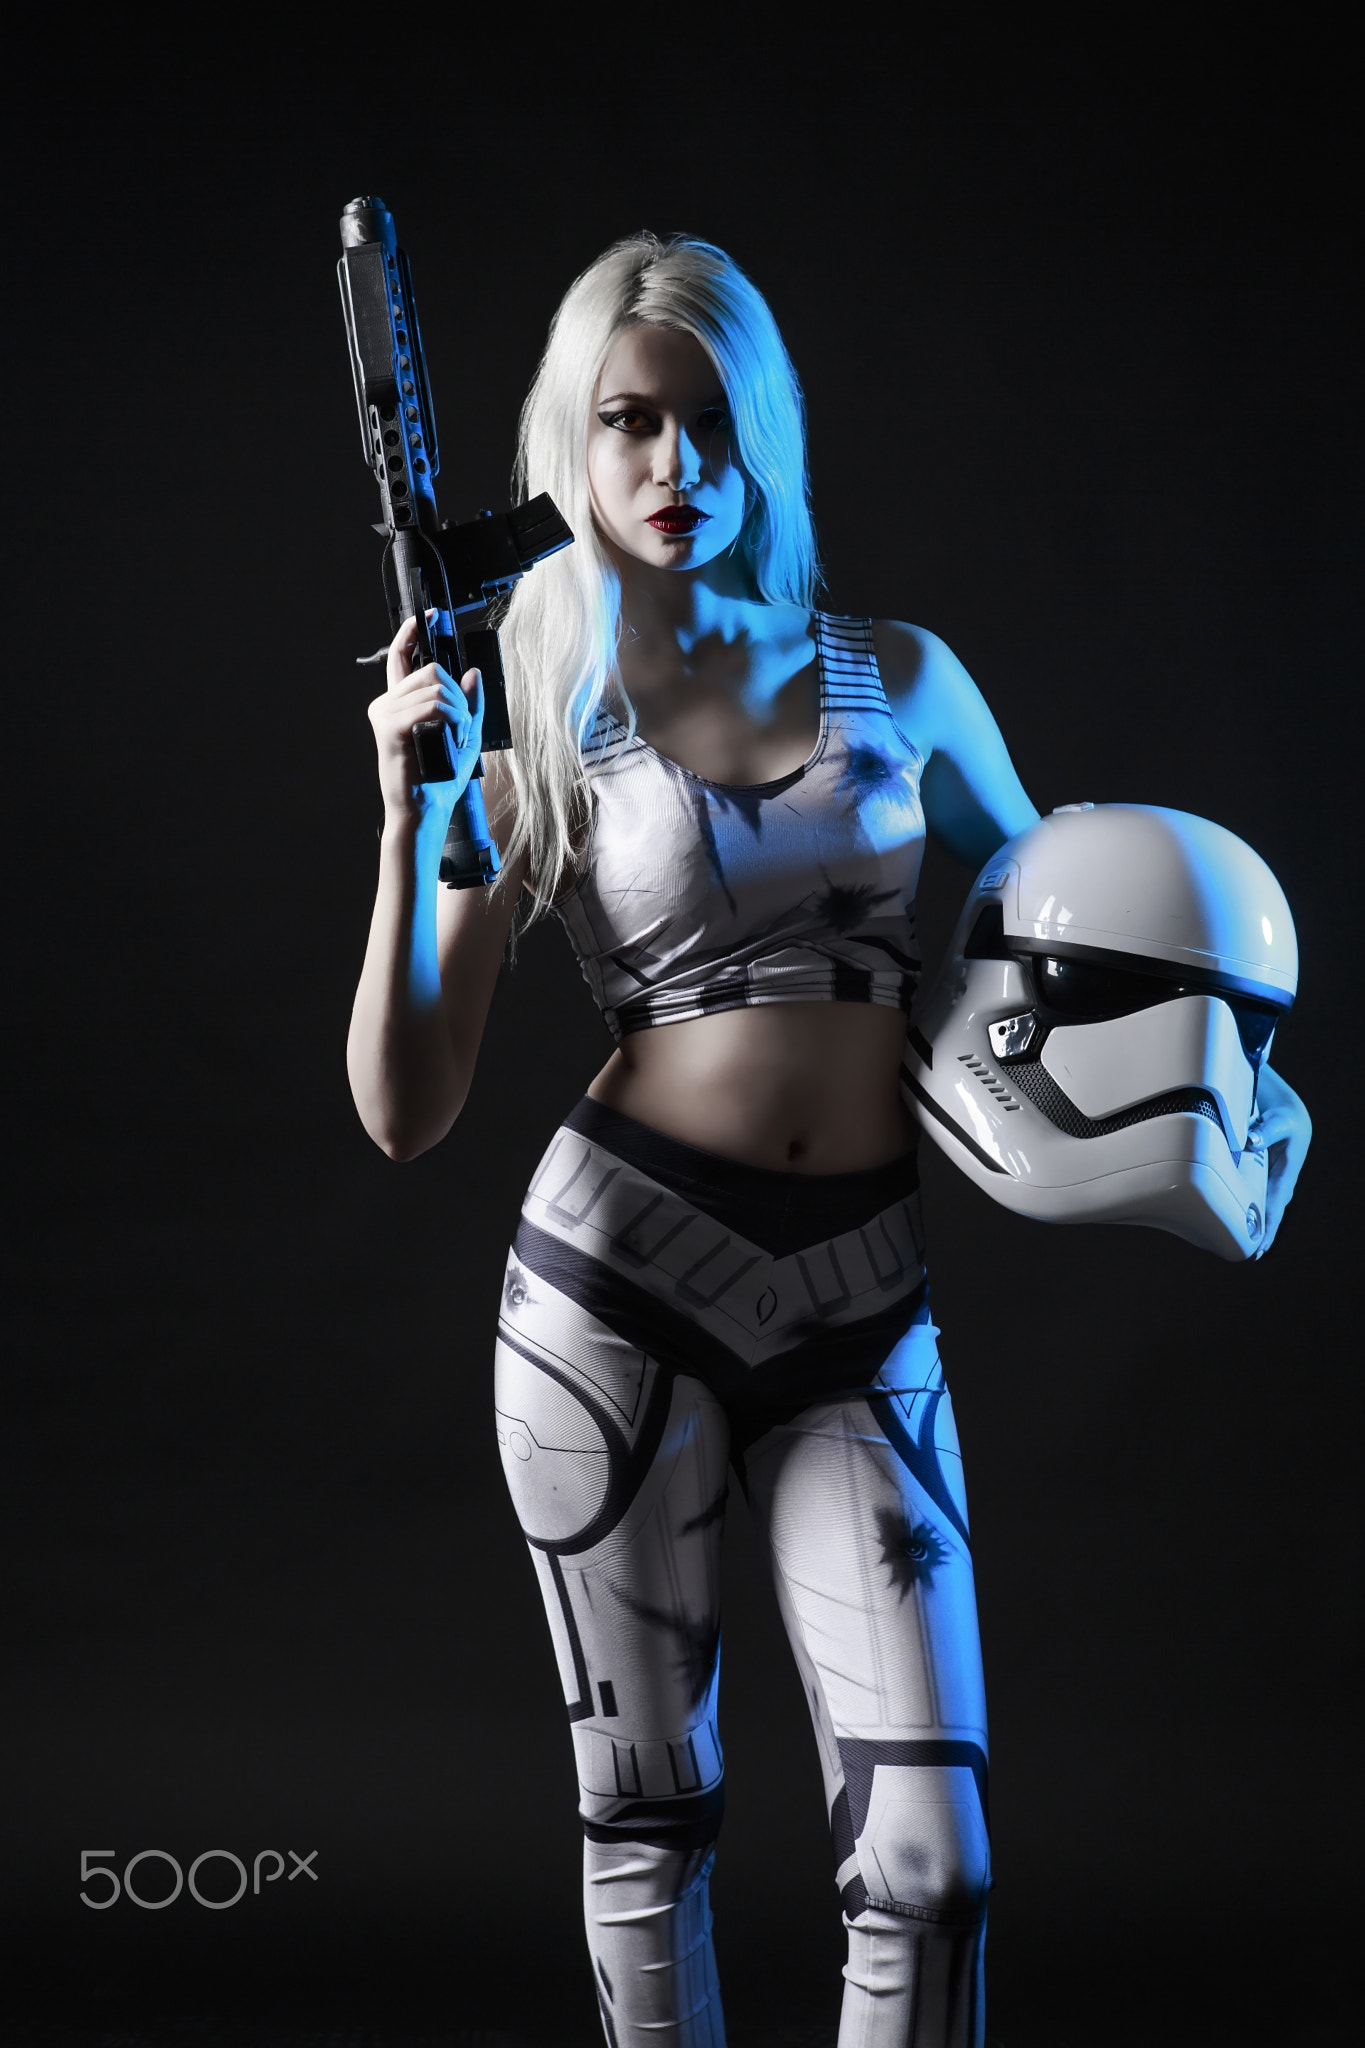 Helmet Women Star Wars Ilker Ureten Stormtrooper Star Wars Cosplay With Dark Background 3150606 Hd Wallpaper Backgrounds Download